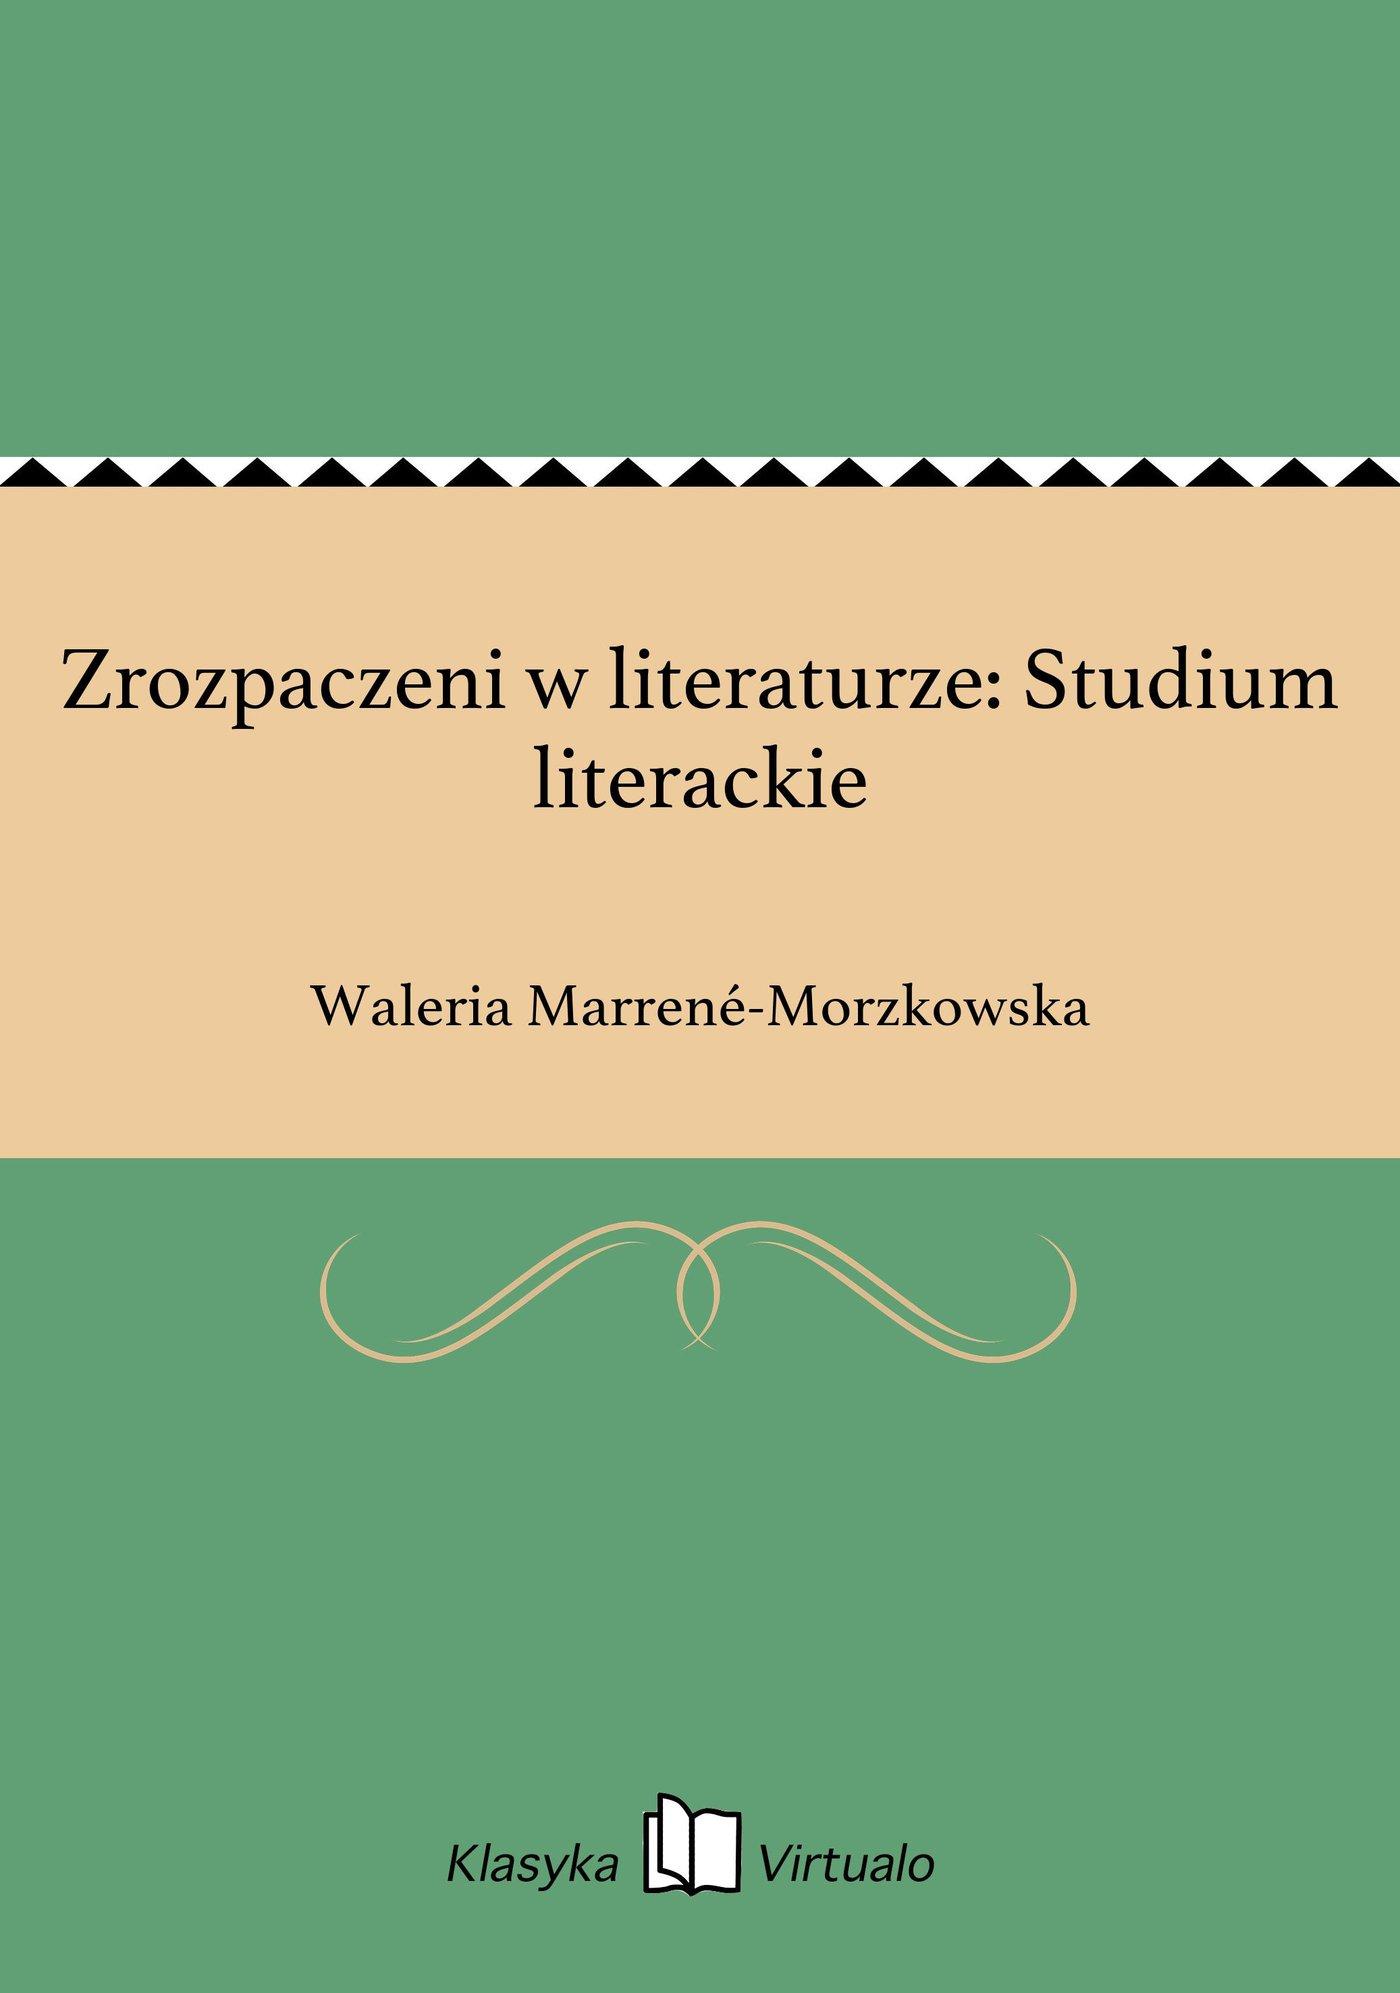 Zrozpaczeni w literaturze: Studium literackie - Ebook (Książka na Kindle) do pobrania w formacie MOBI